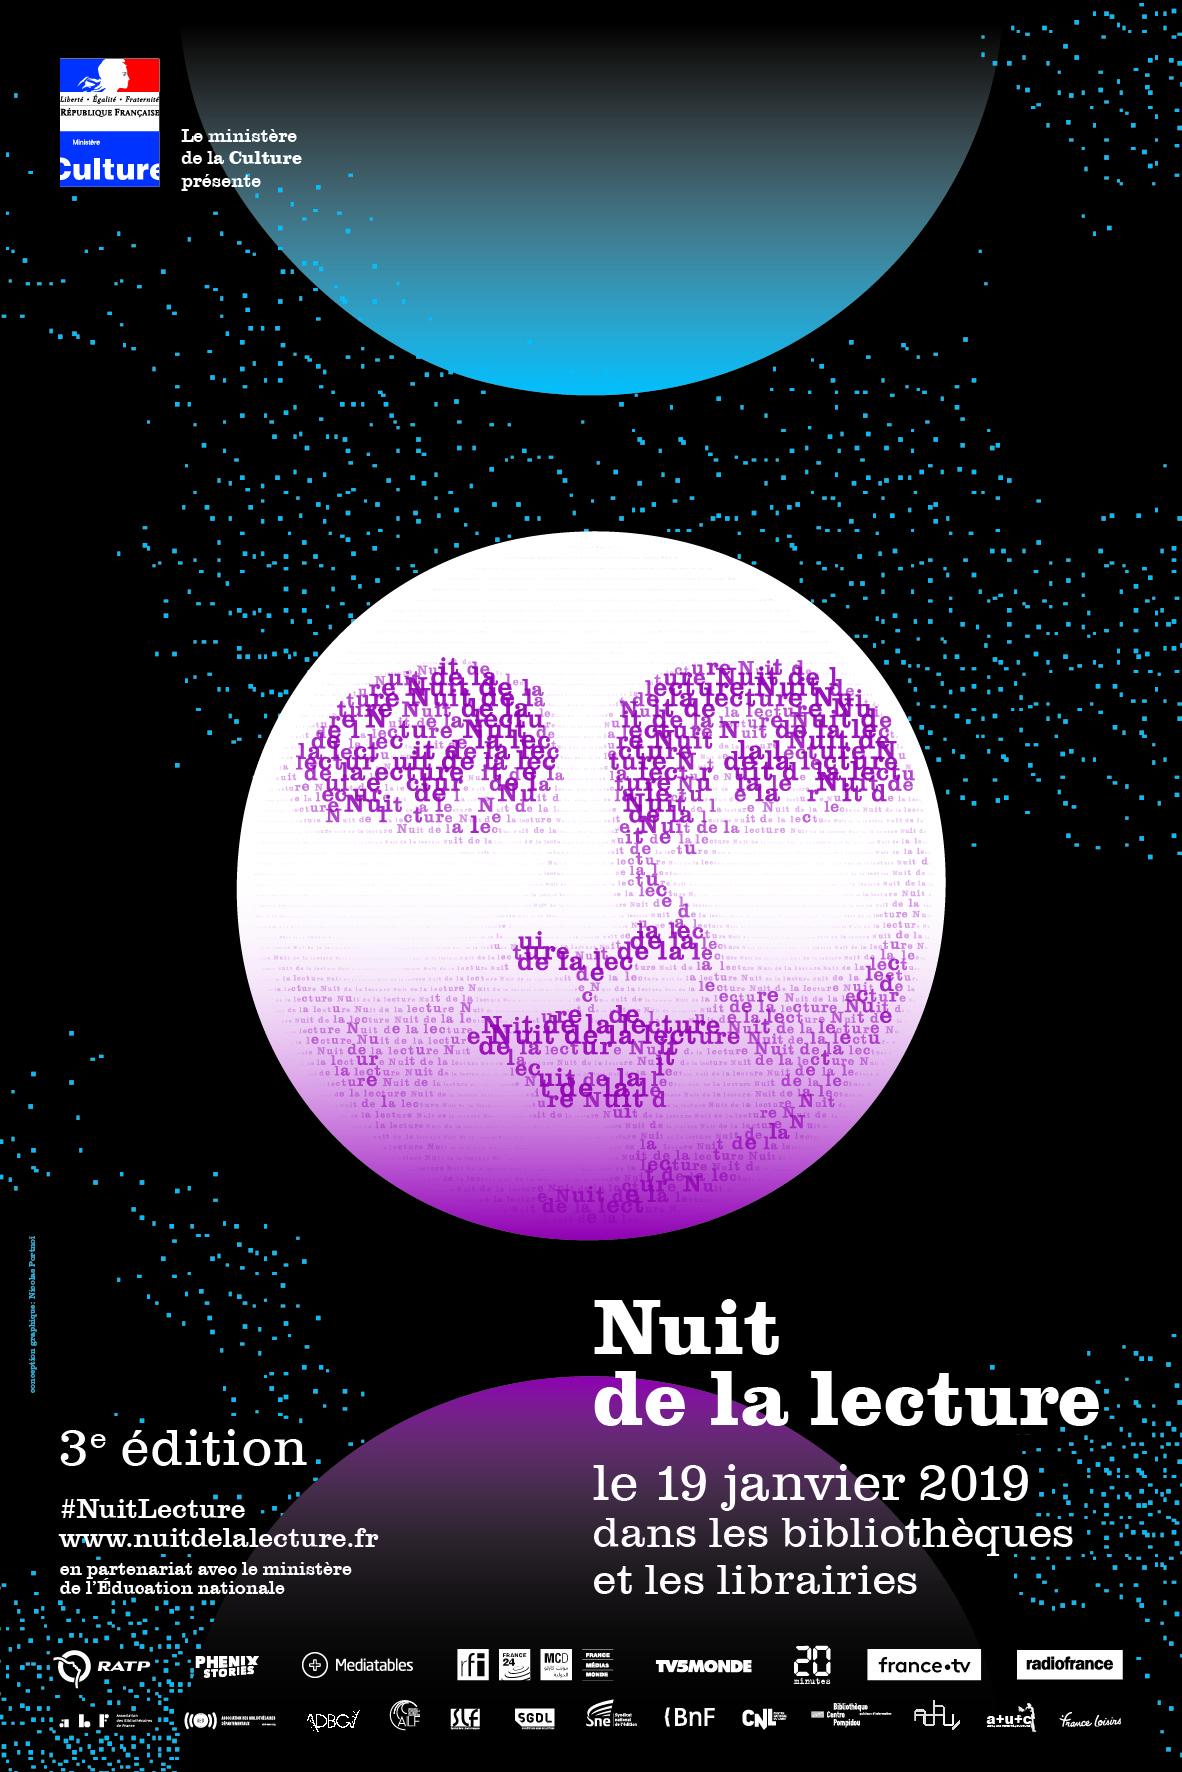 Nuit de la lecture à la Limonaderie (Foix, Ariège) - 19 janvier 2019